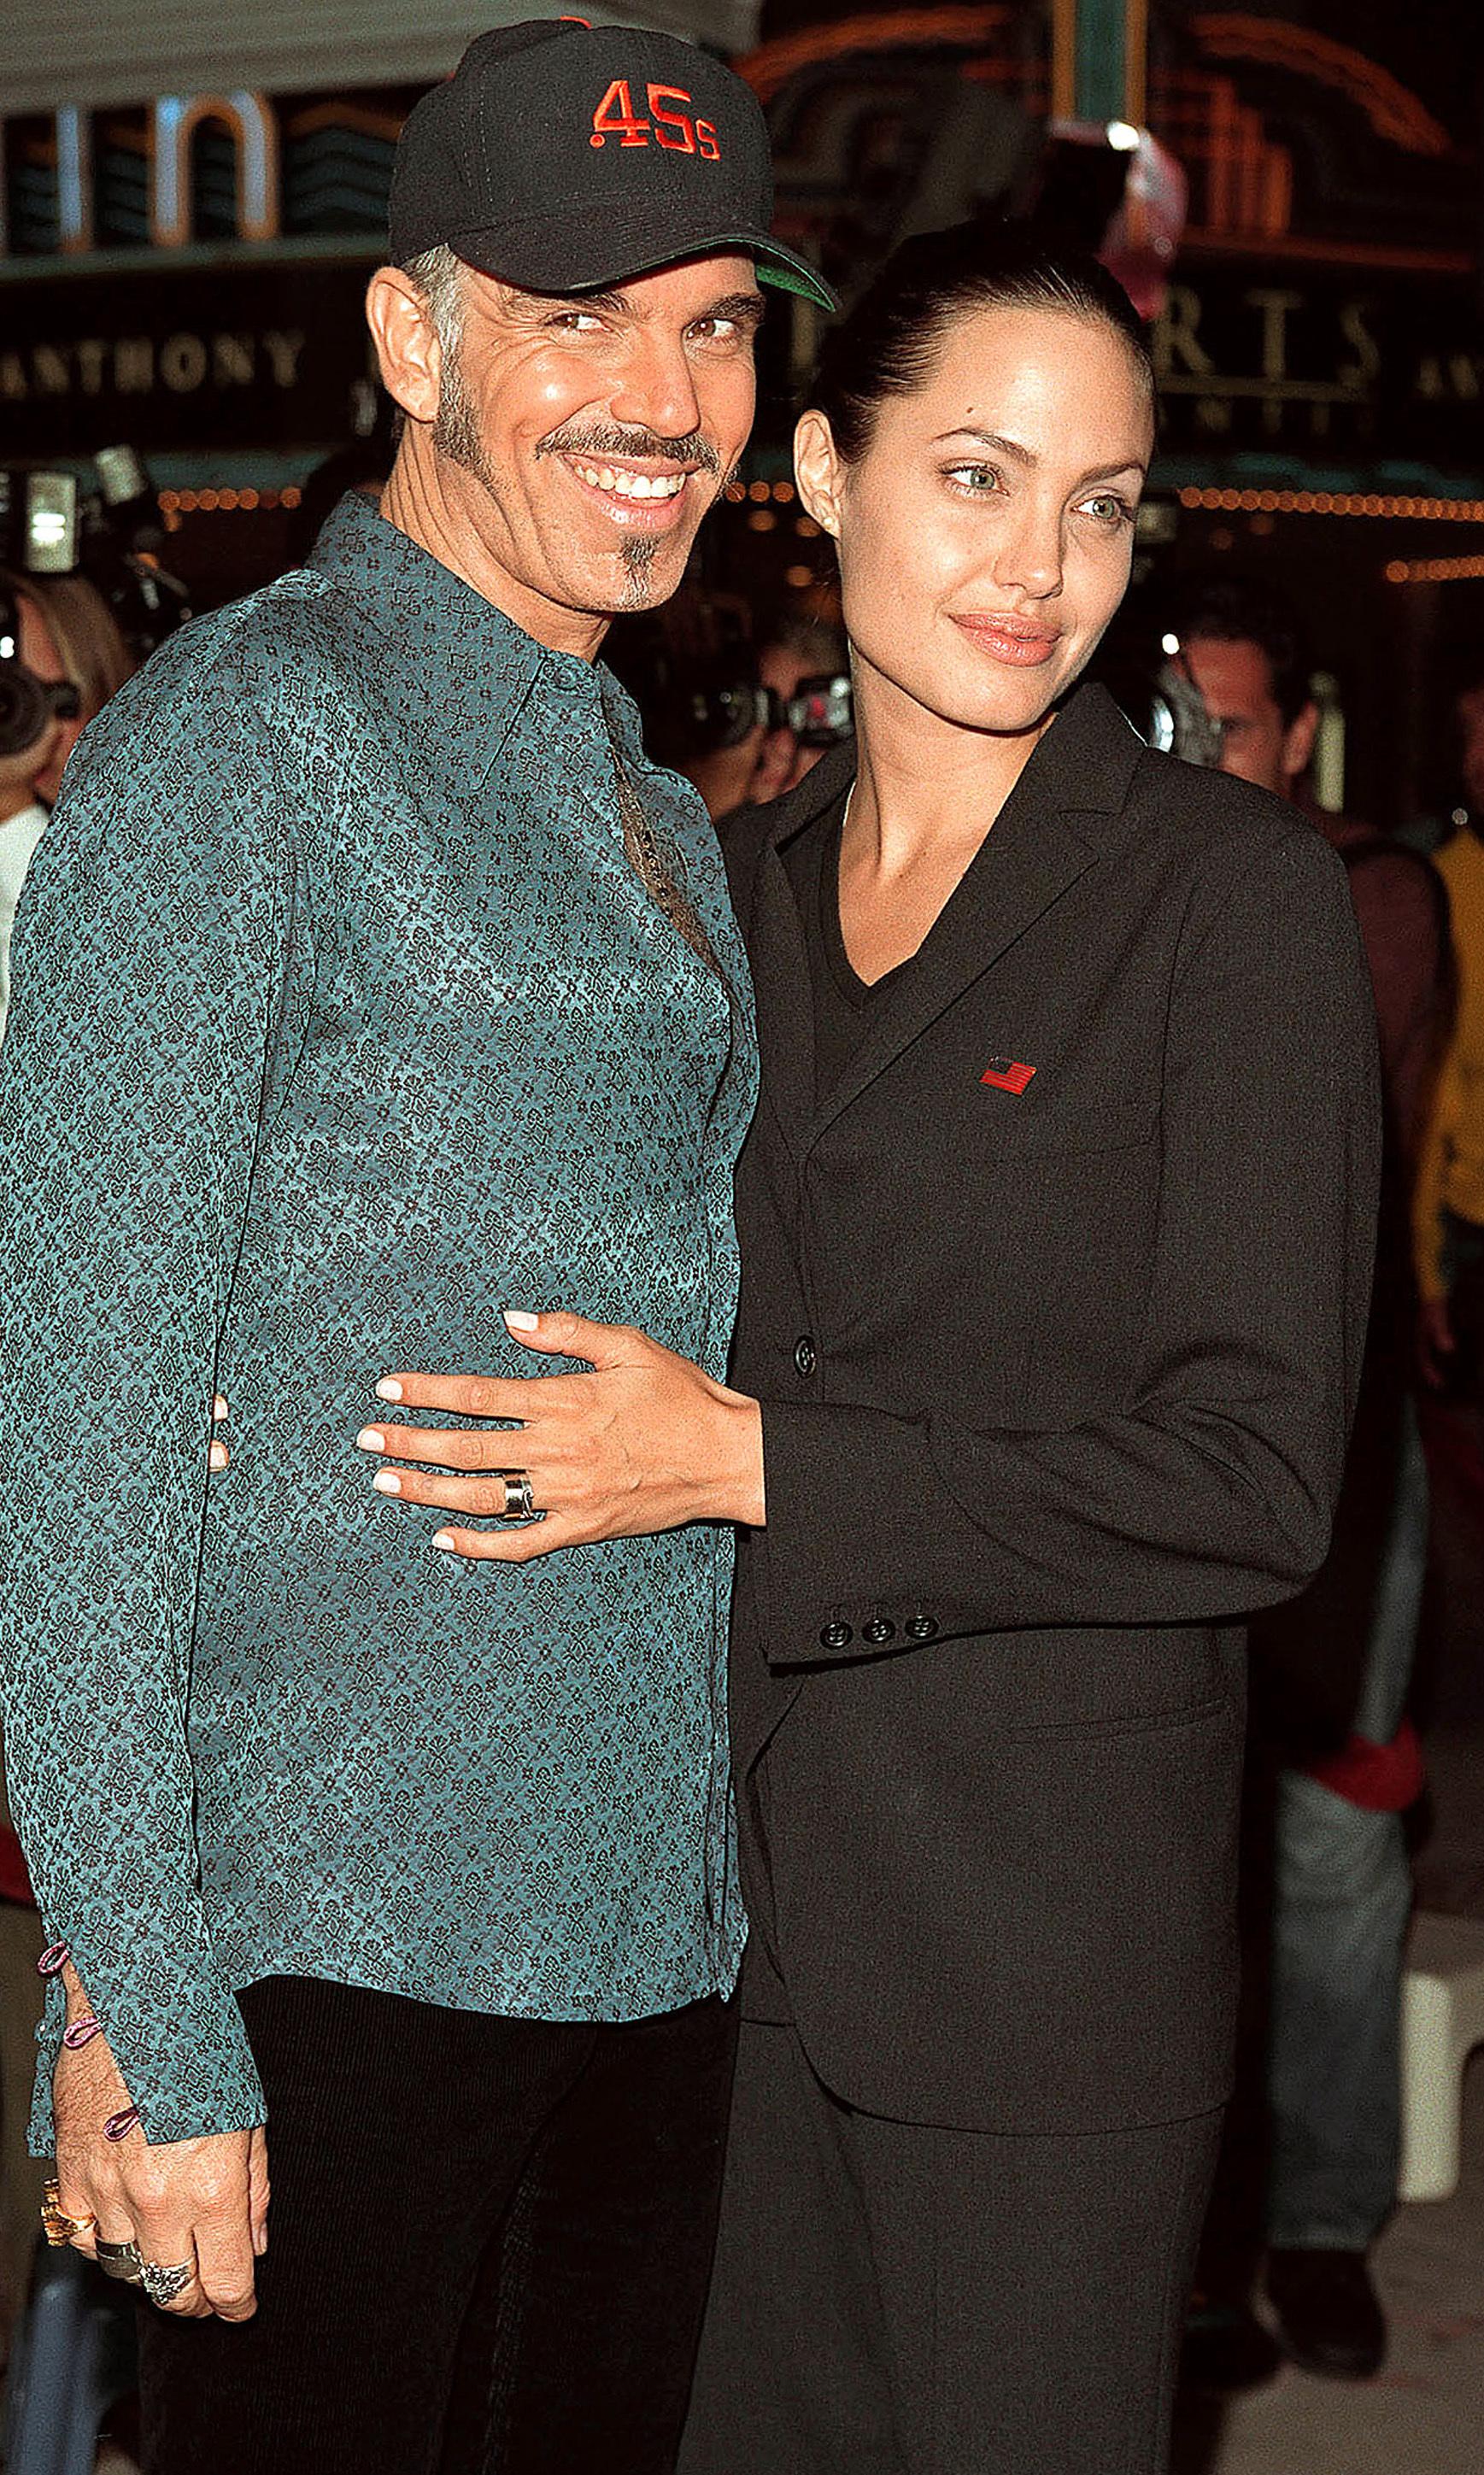 Los trajes de chaqueta son habituales en el vestidor de Angelina Jolie